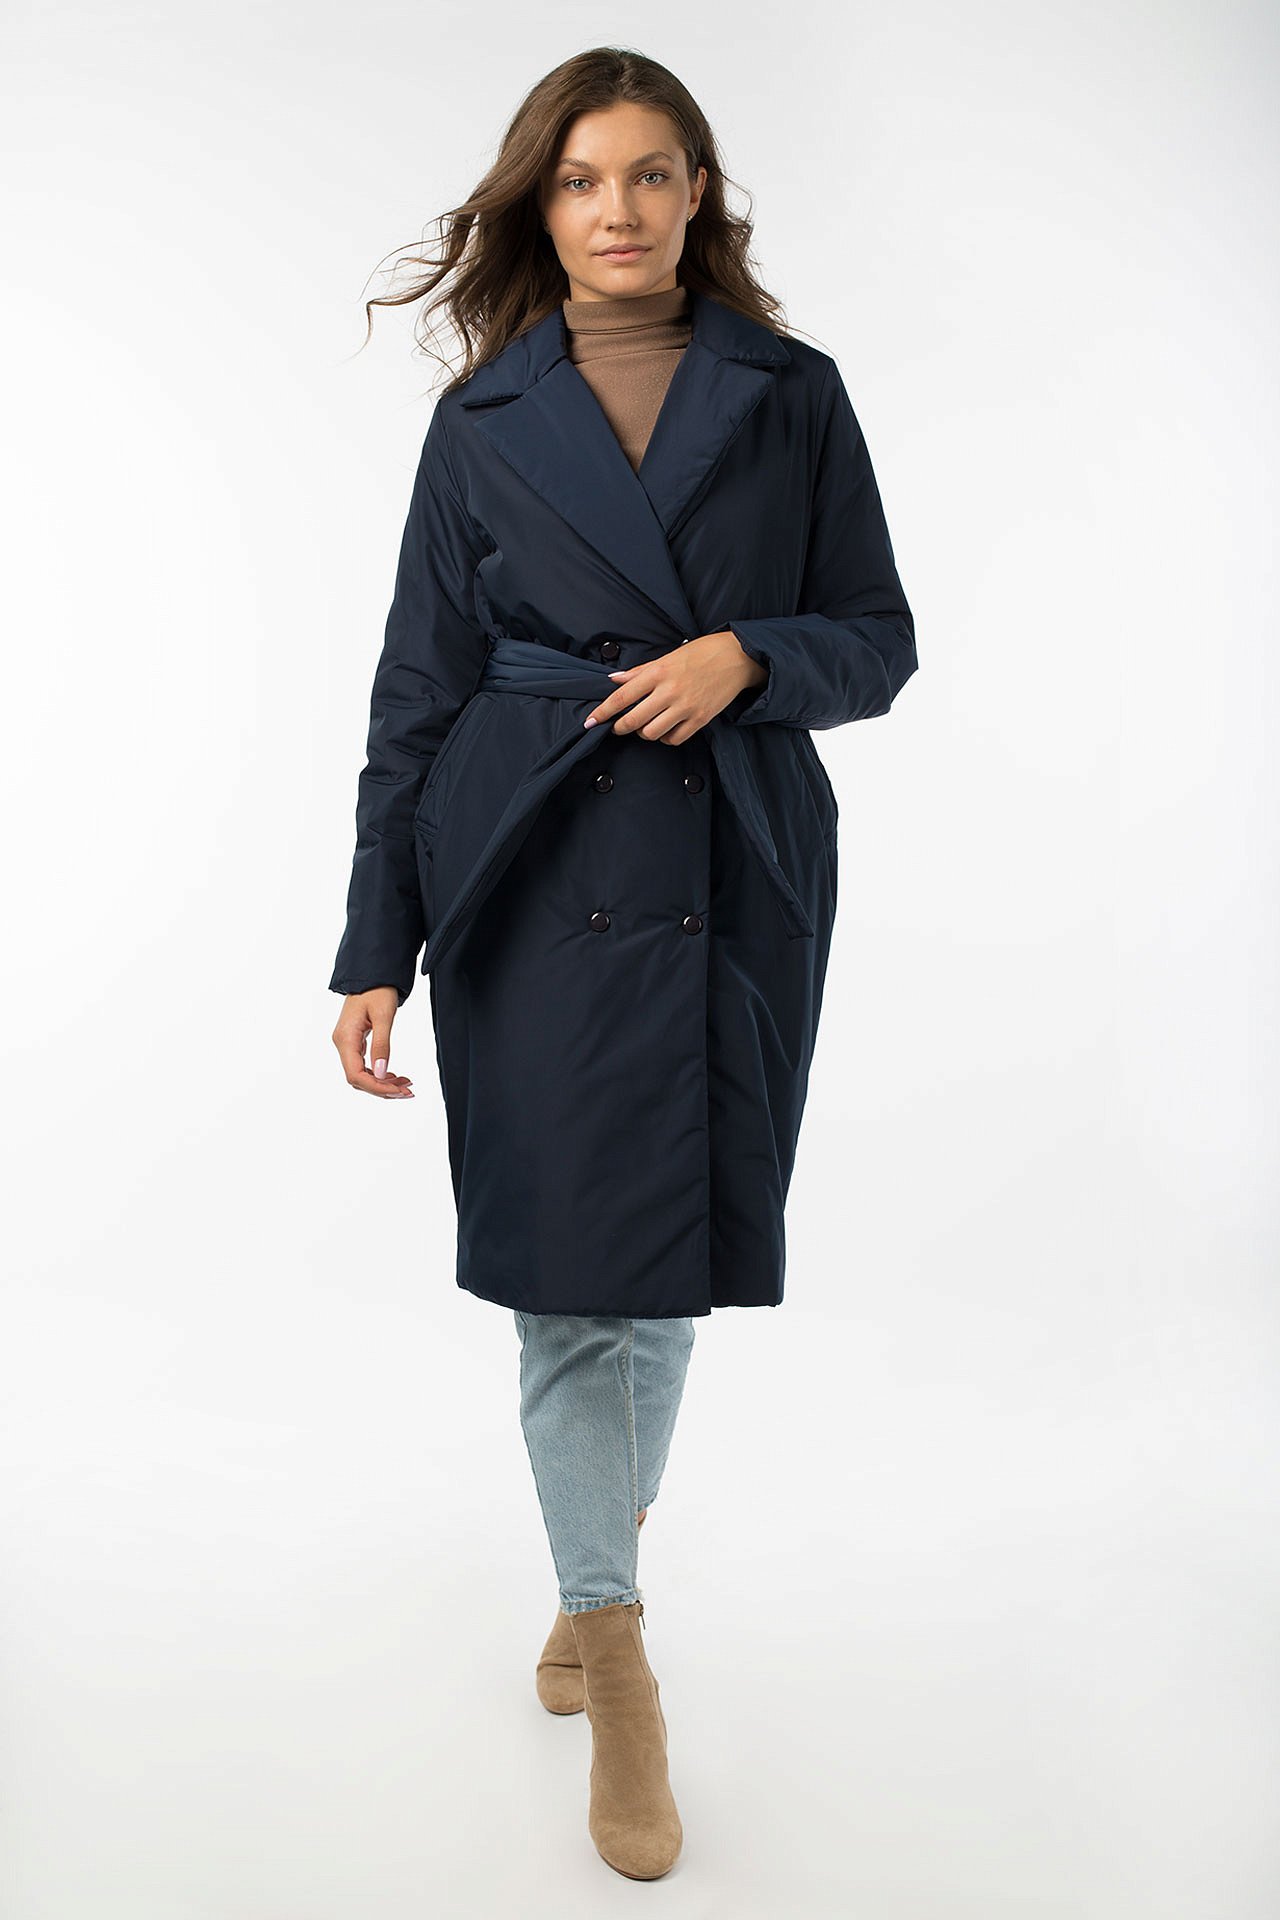 Куртка женская демисезонная (термофинн 150)